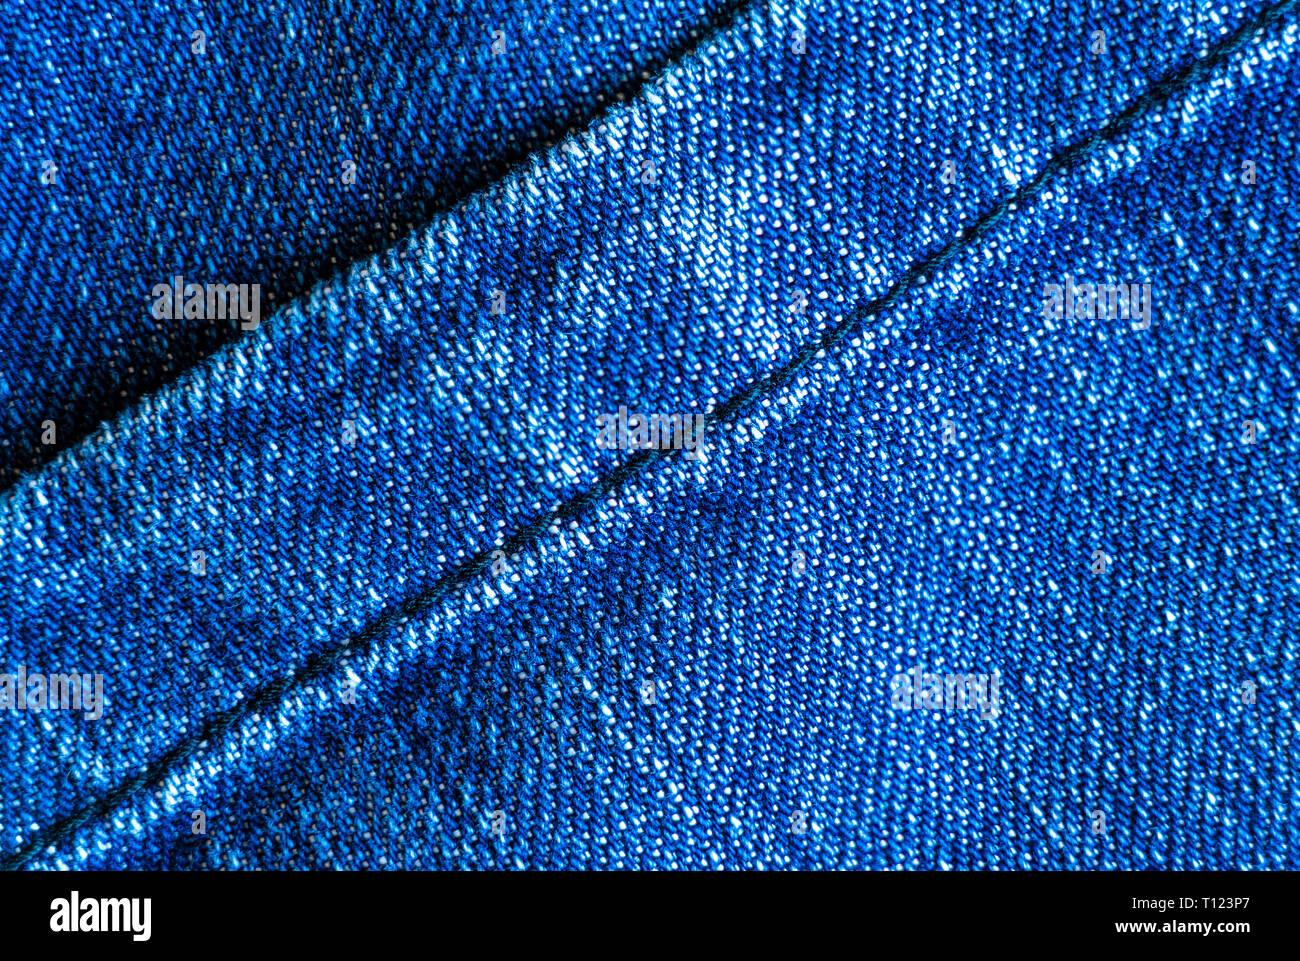 c4b47df5a2 Denim áspero o tejido de algodón o jeans material con la costura cosida  para el textil